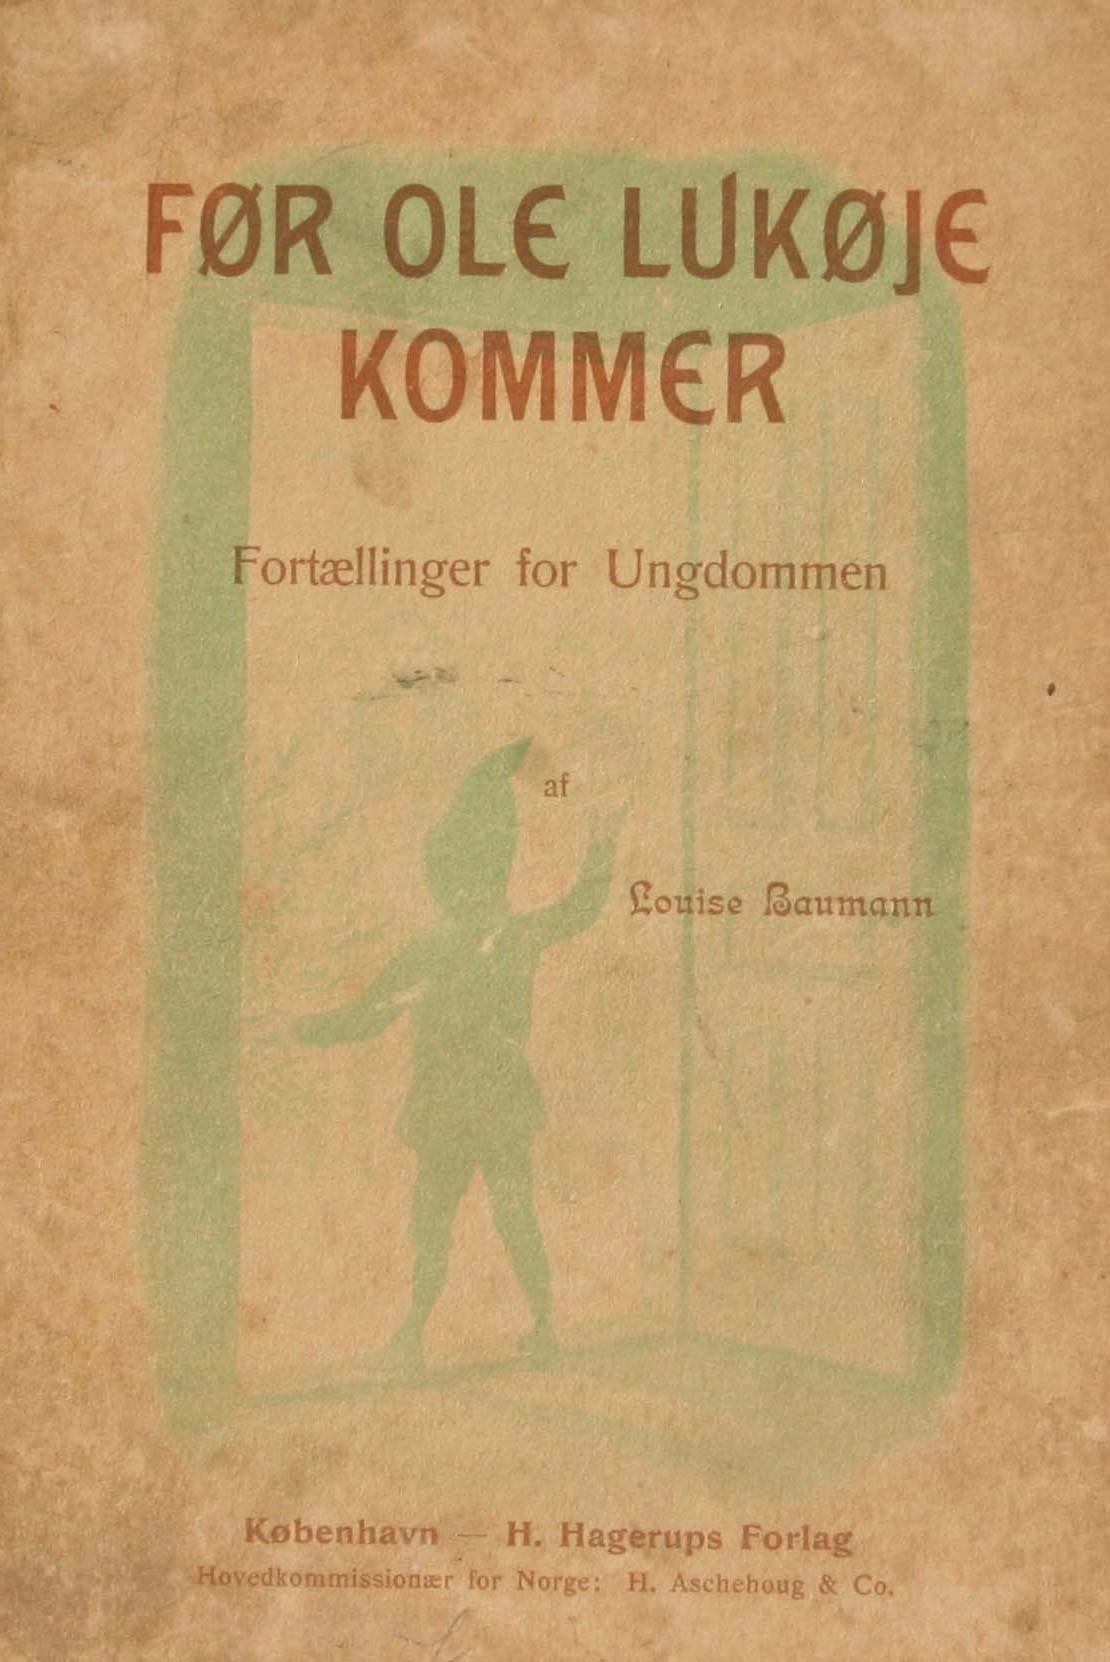 Før Ole Lukøje kommer - billedbog